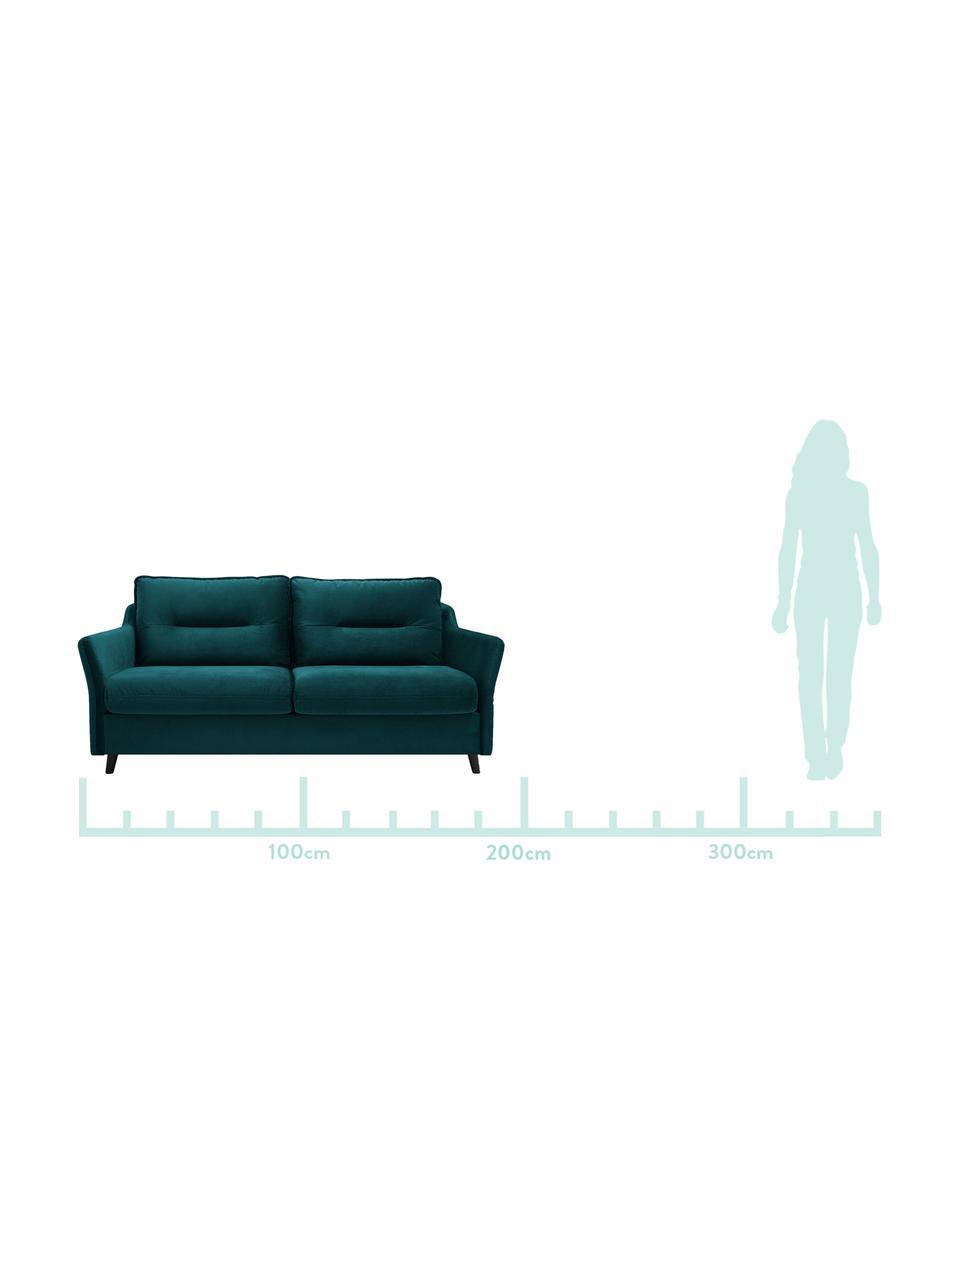 Sofa rozkładana z aksamitu Loft (3-osobowa), Tapicerka: 100% aksamit poliestrowy , Nogi: metal lakierowany, Szmaragdowy, S 191 x G 100 cm